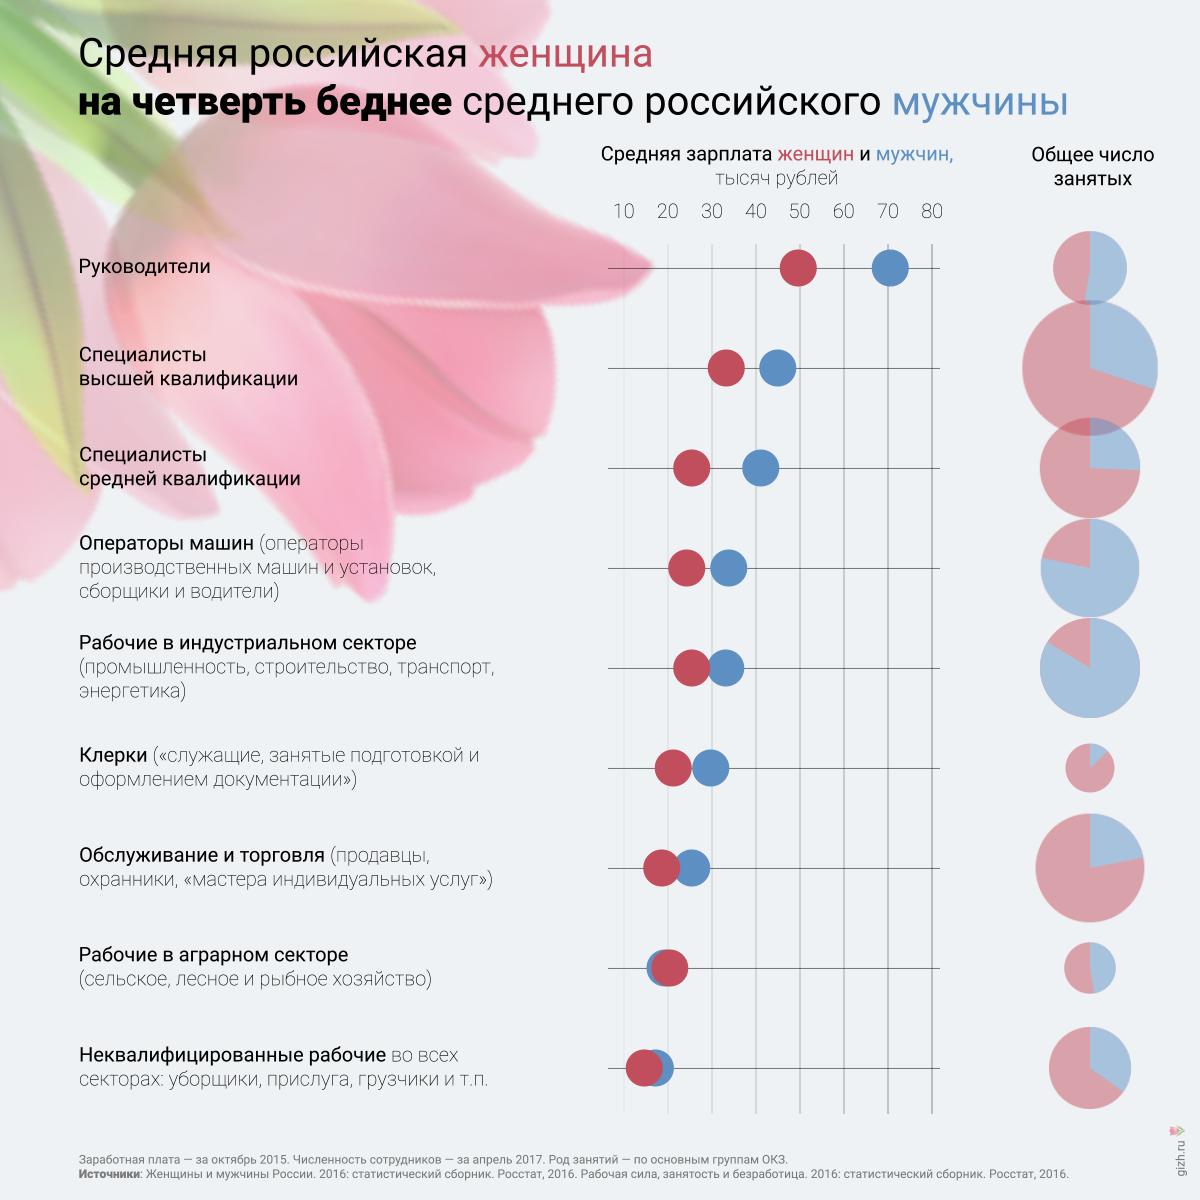 Зарплаты женщин и мужчин по должностям и профессиям в России